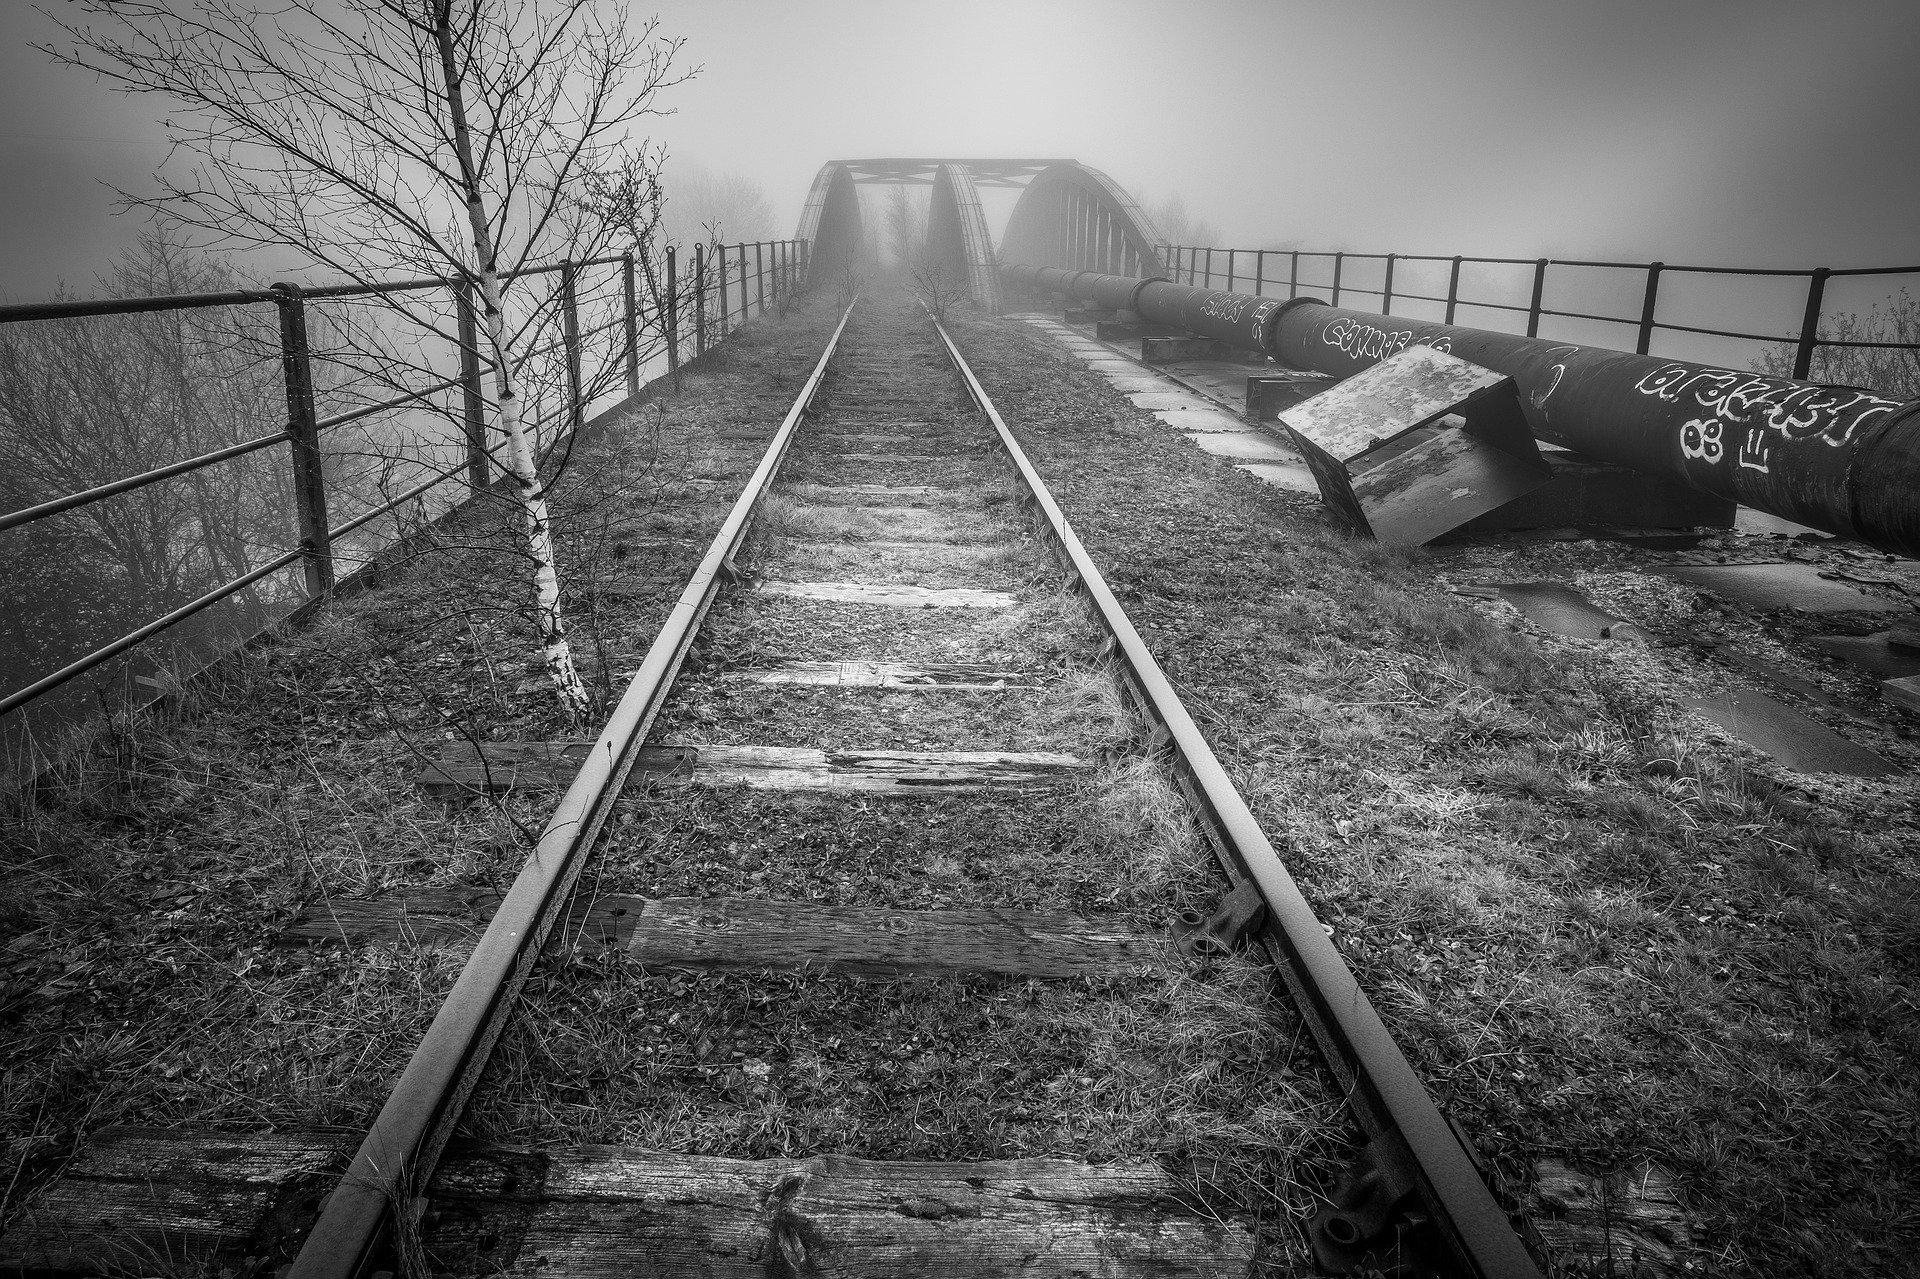 voie ferrée